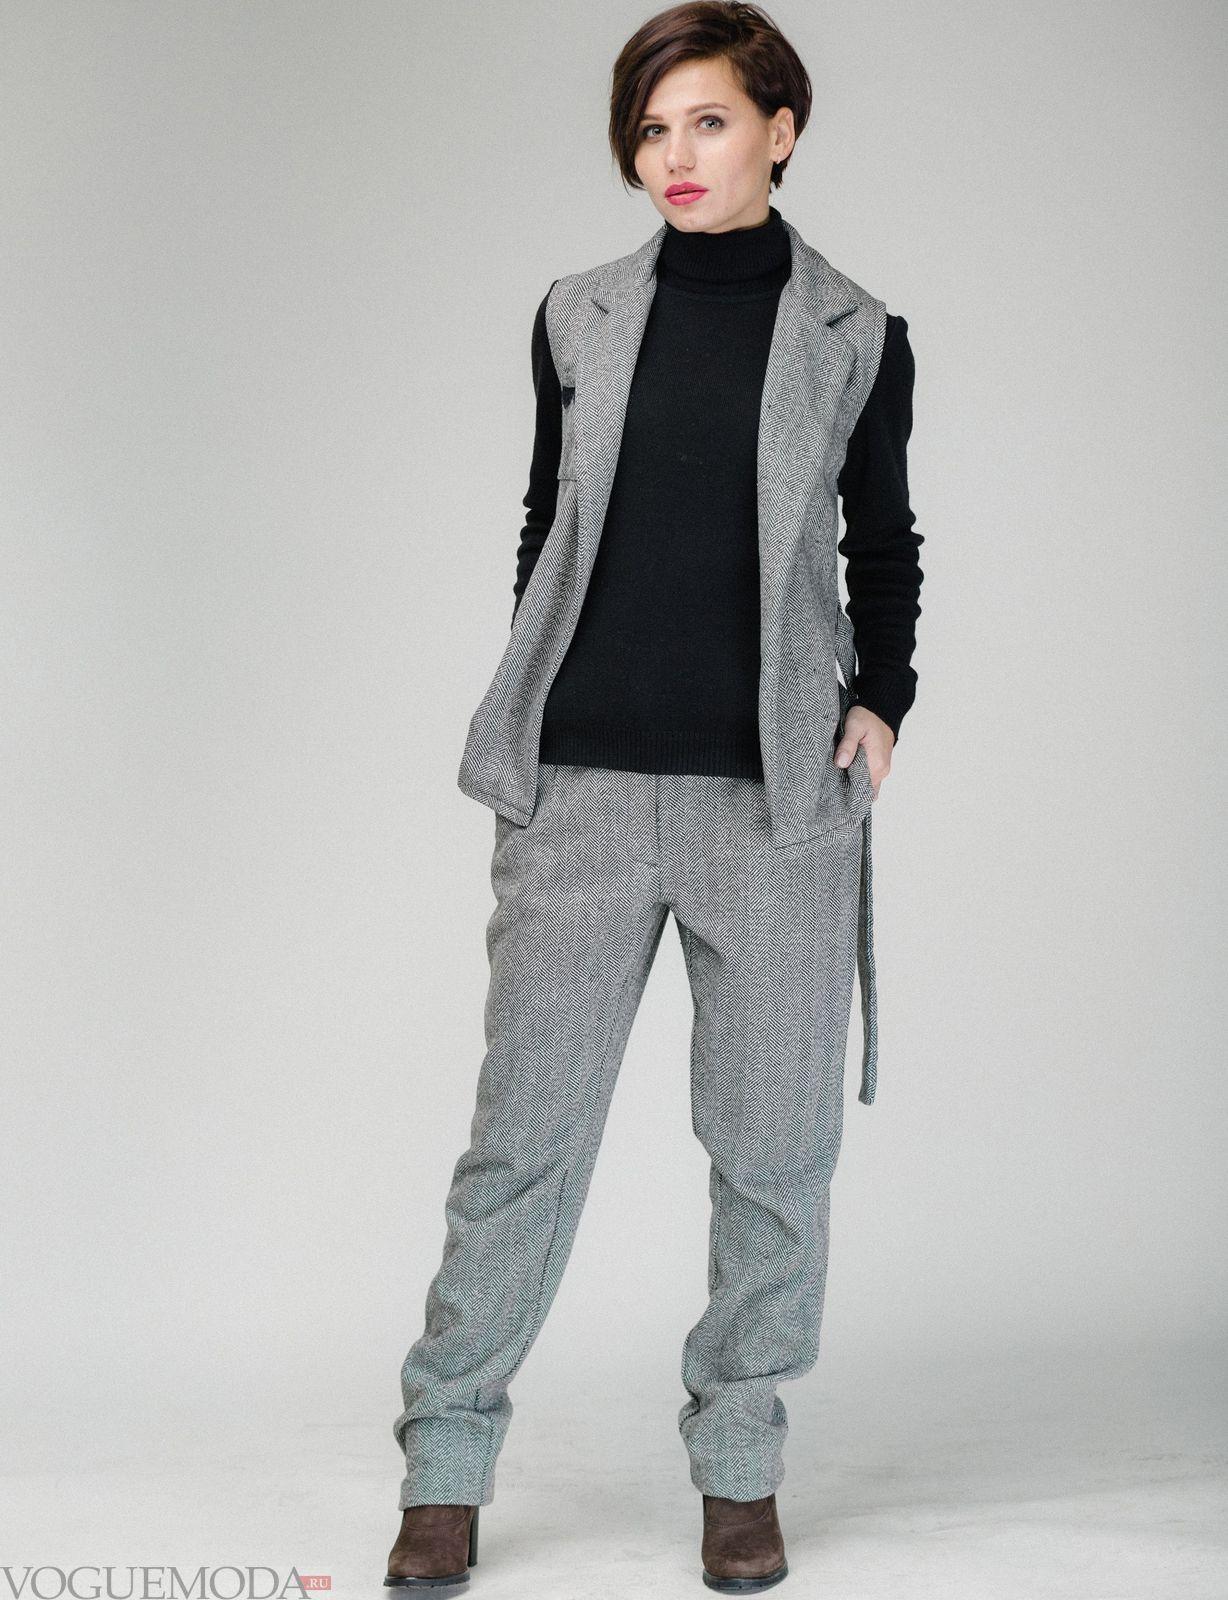 d5b2fd4ea1 La ropa de verano más de moda para mujer